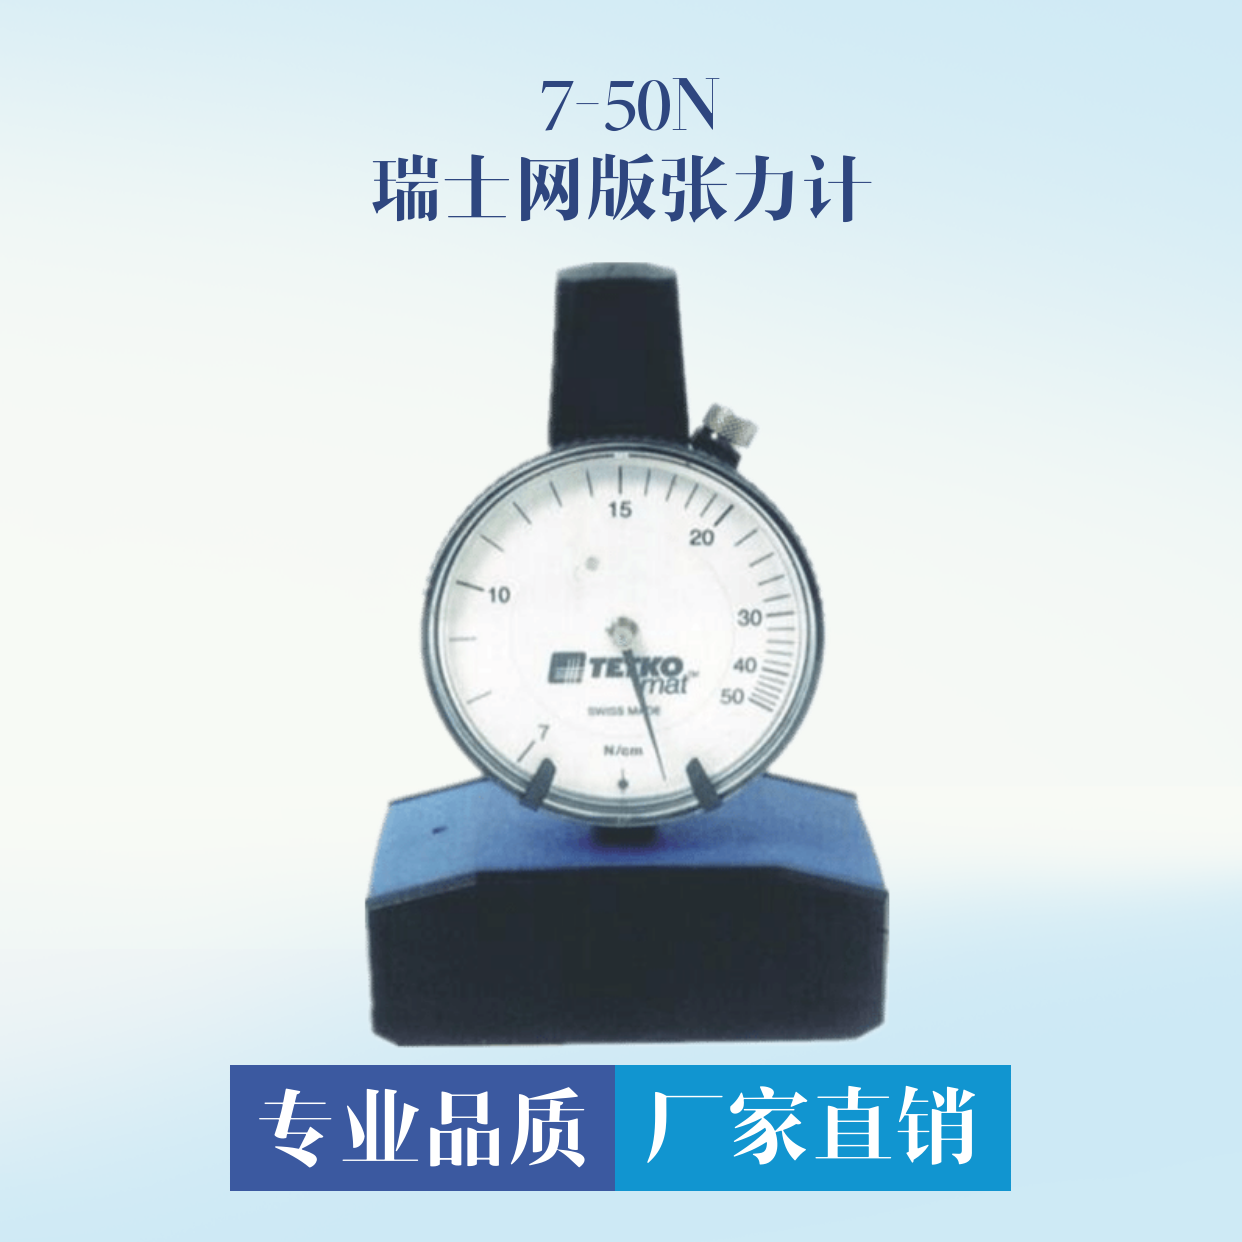 网版张力计TETKO 7-50N